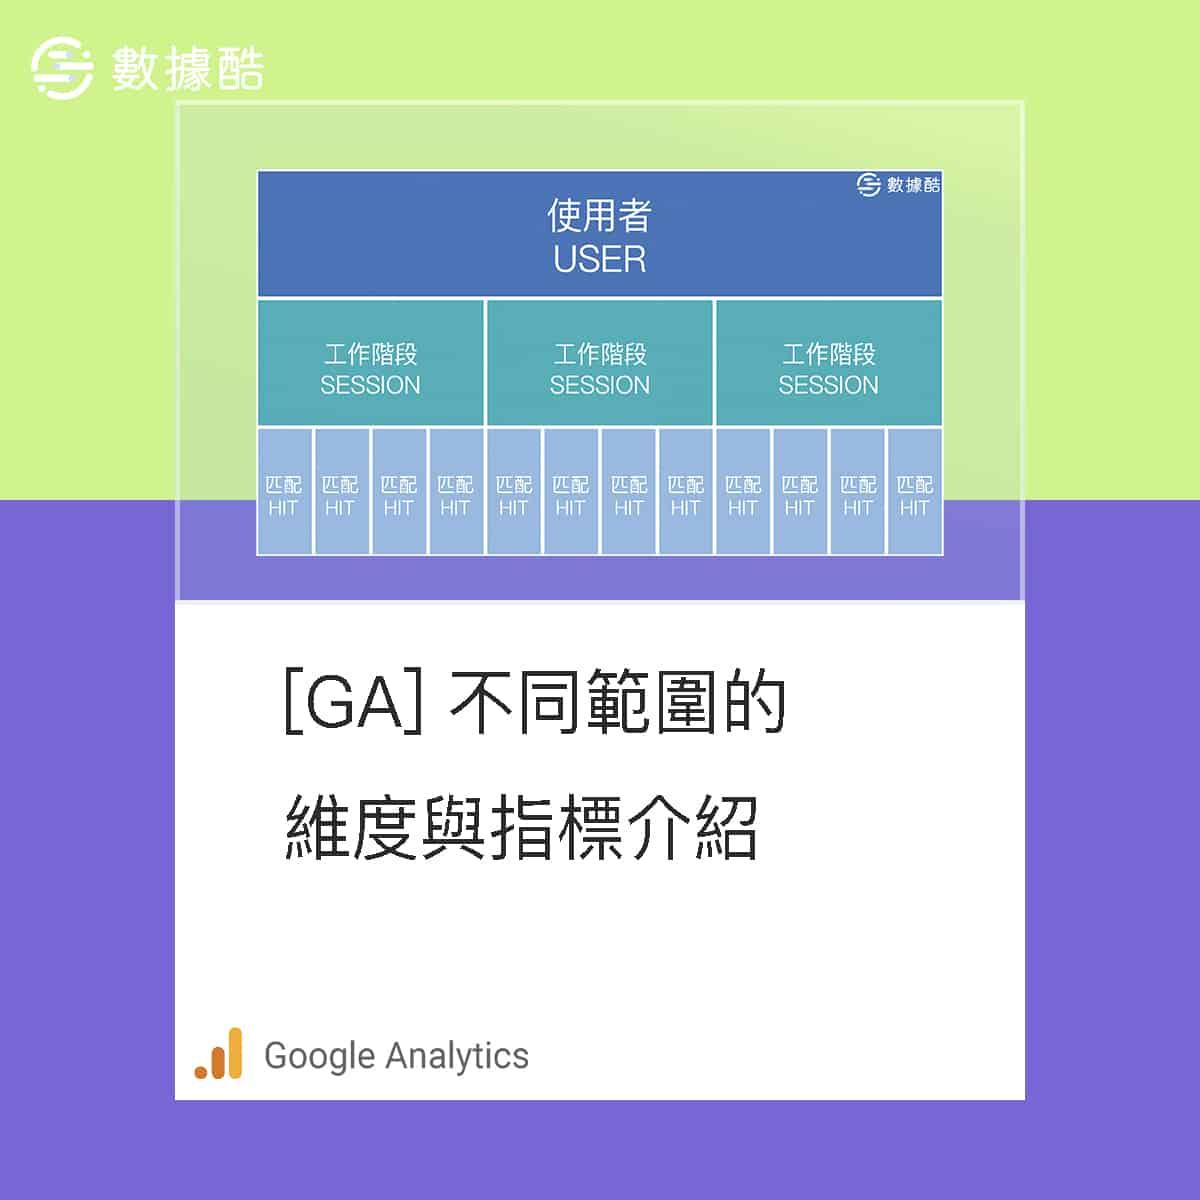 GA 不同範圍的維度與指標介紹